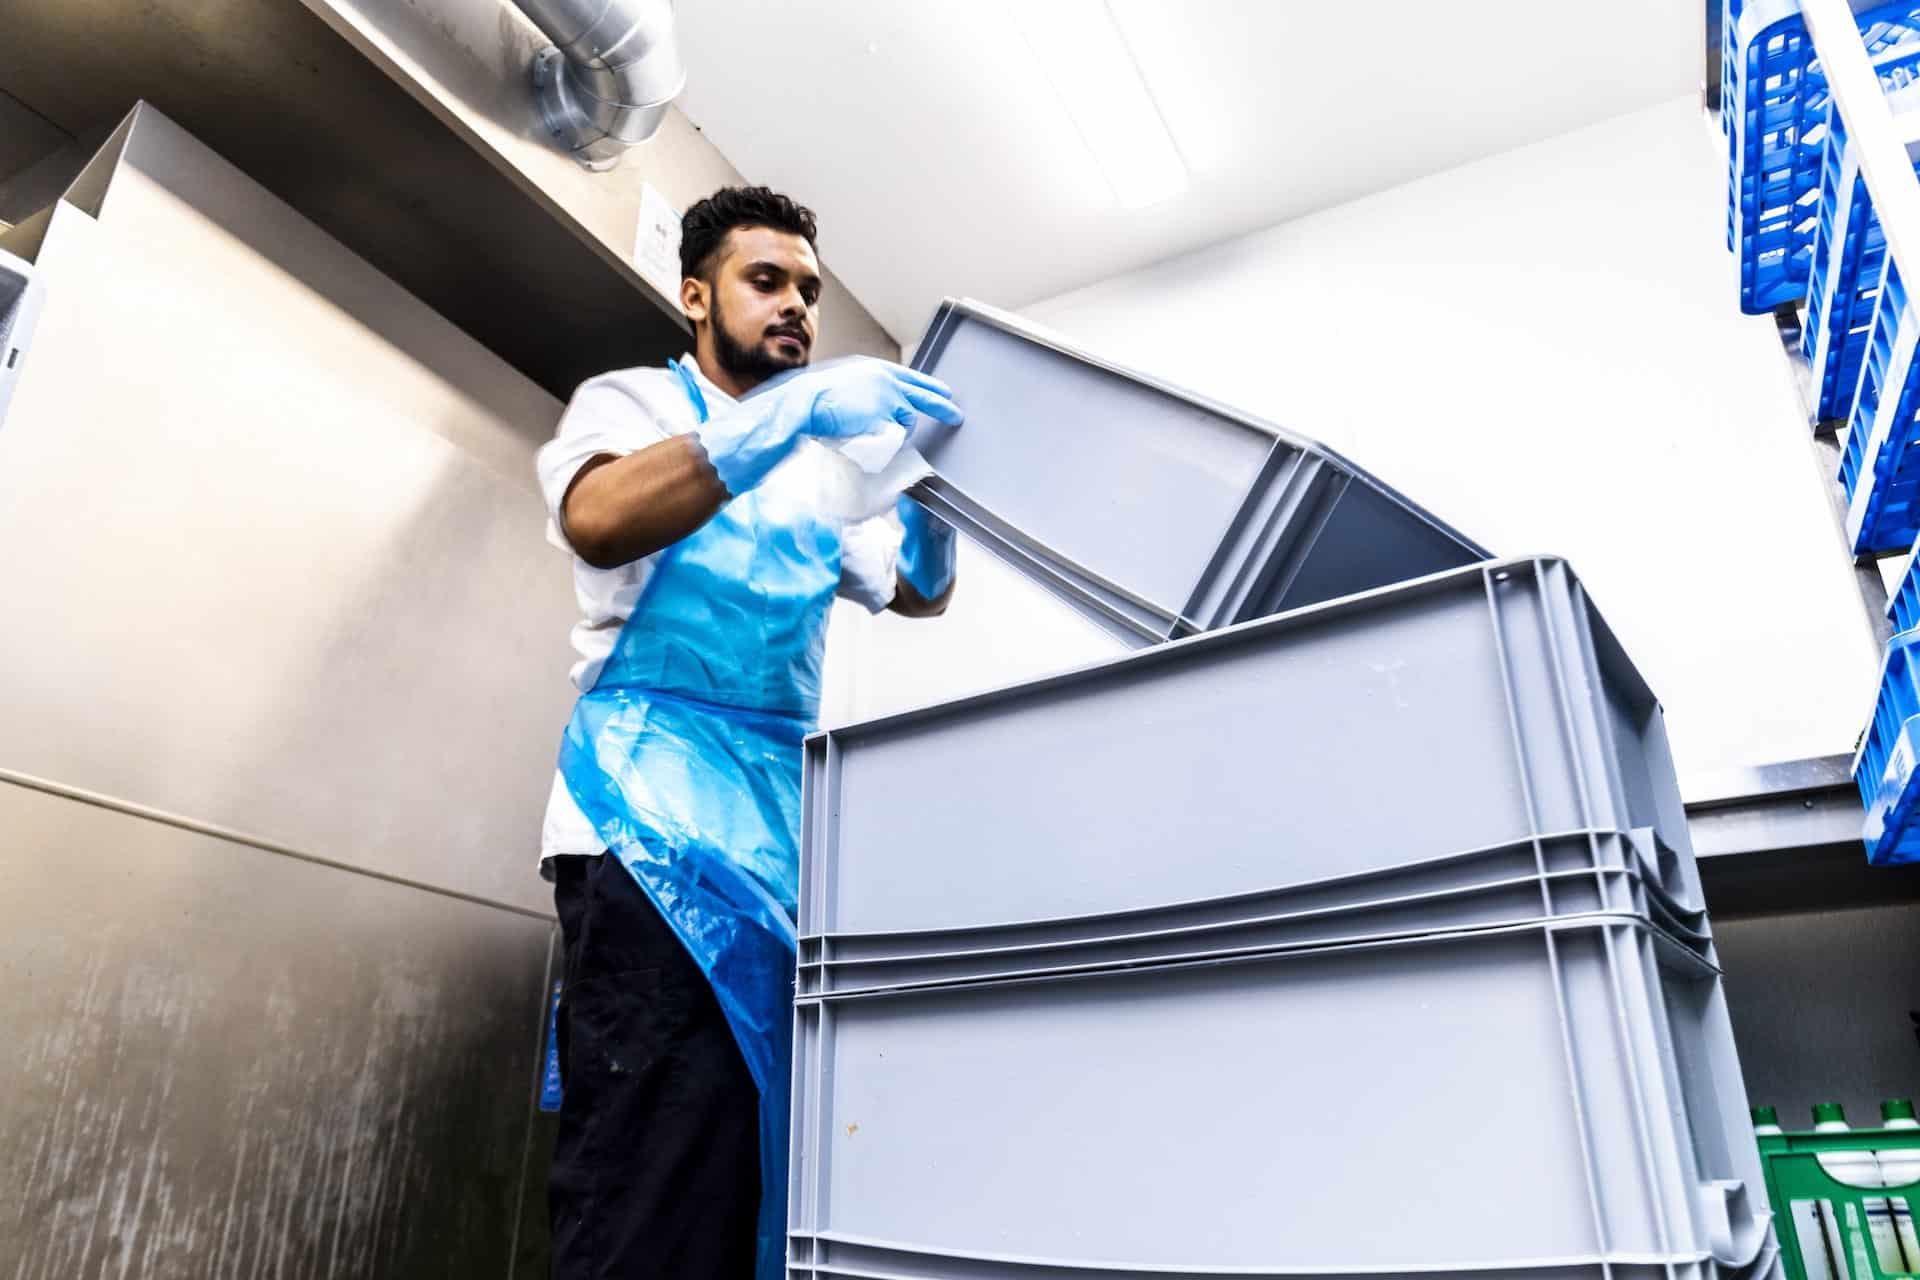 Køkken medarbejder hjælper med at rydde op